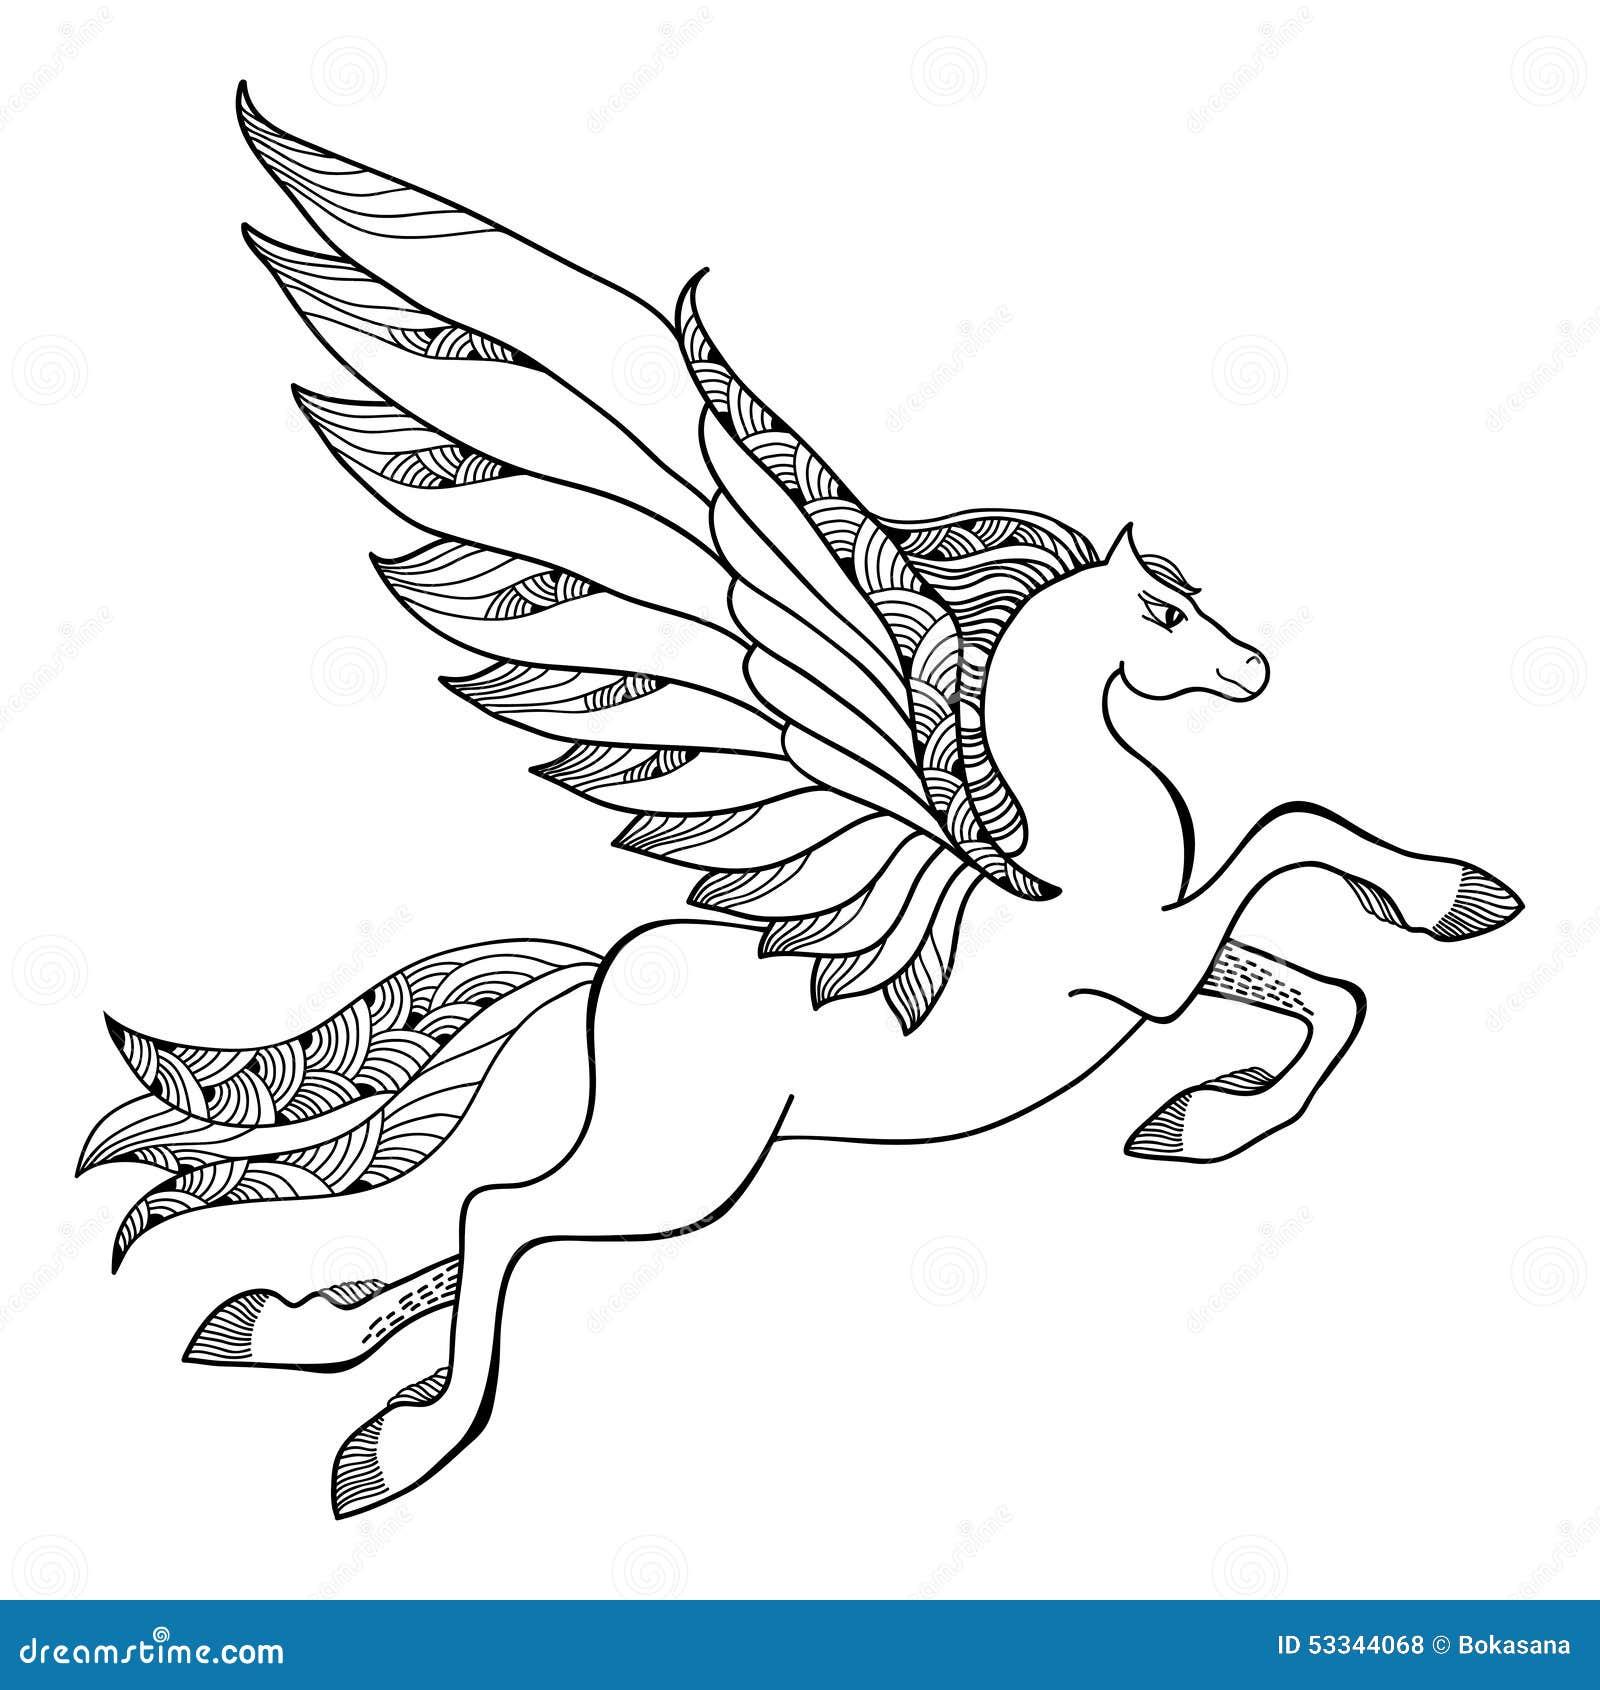 kleurplaat eenhoorn met vleugels kleurplaat eenhoorn